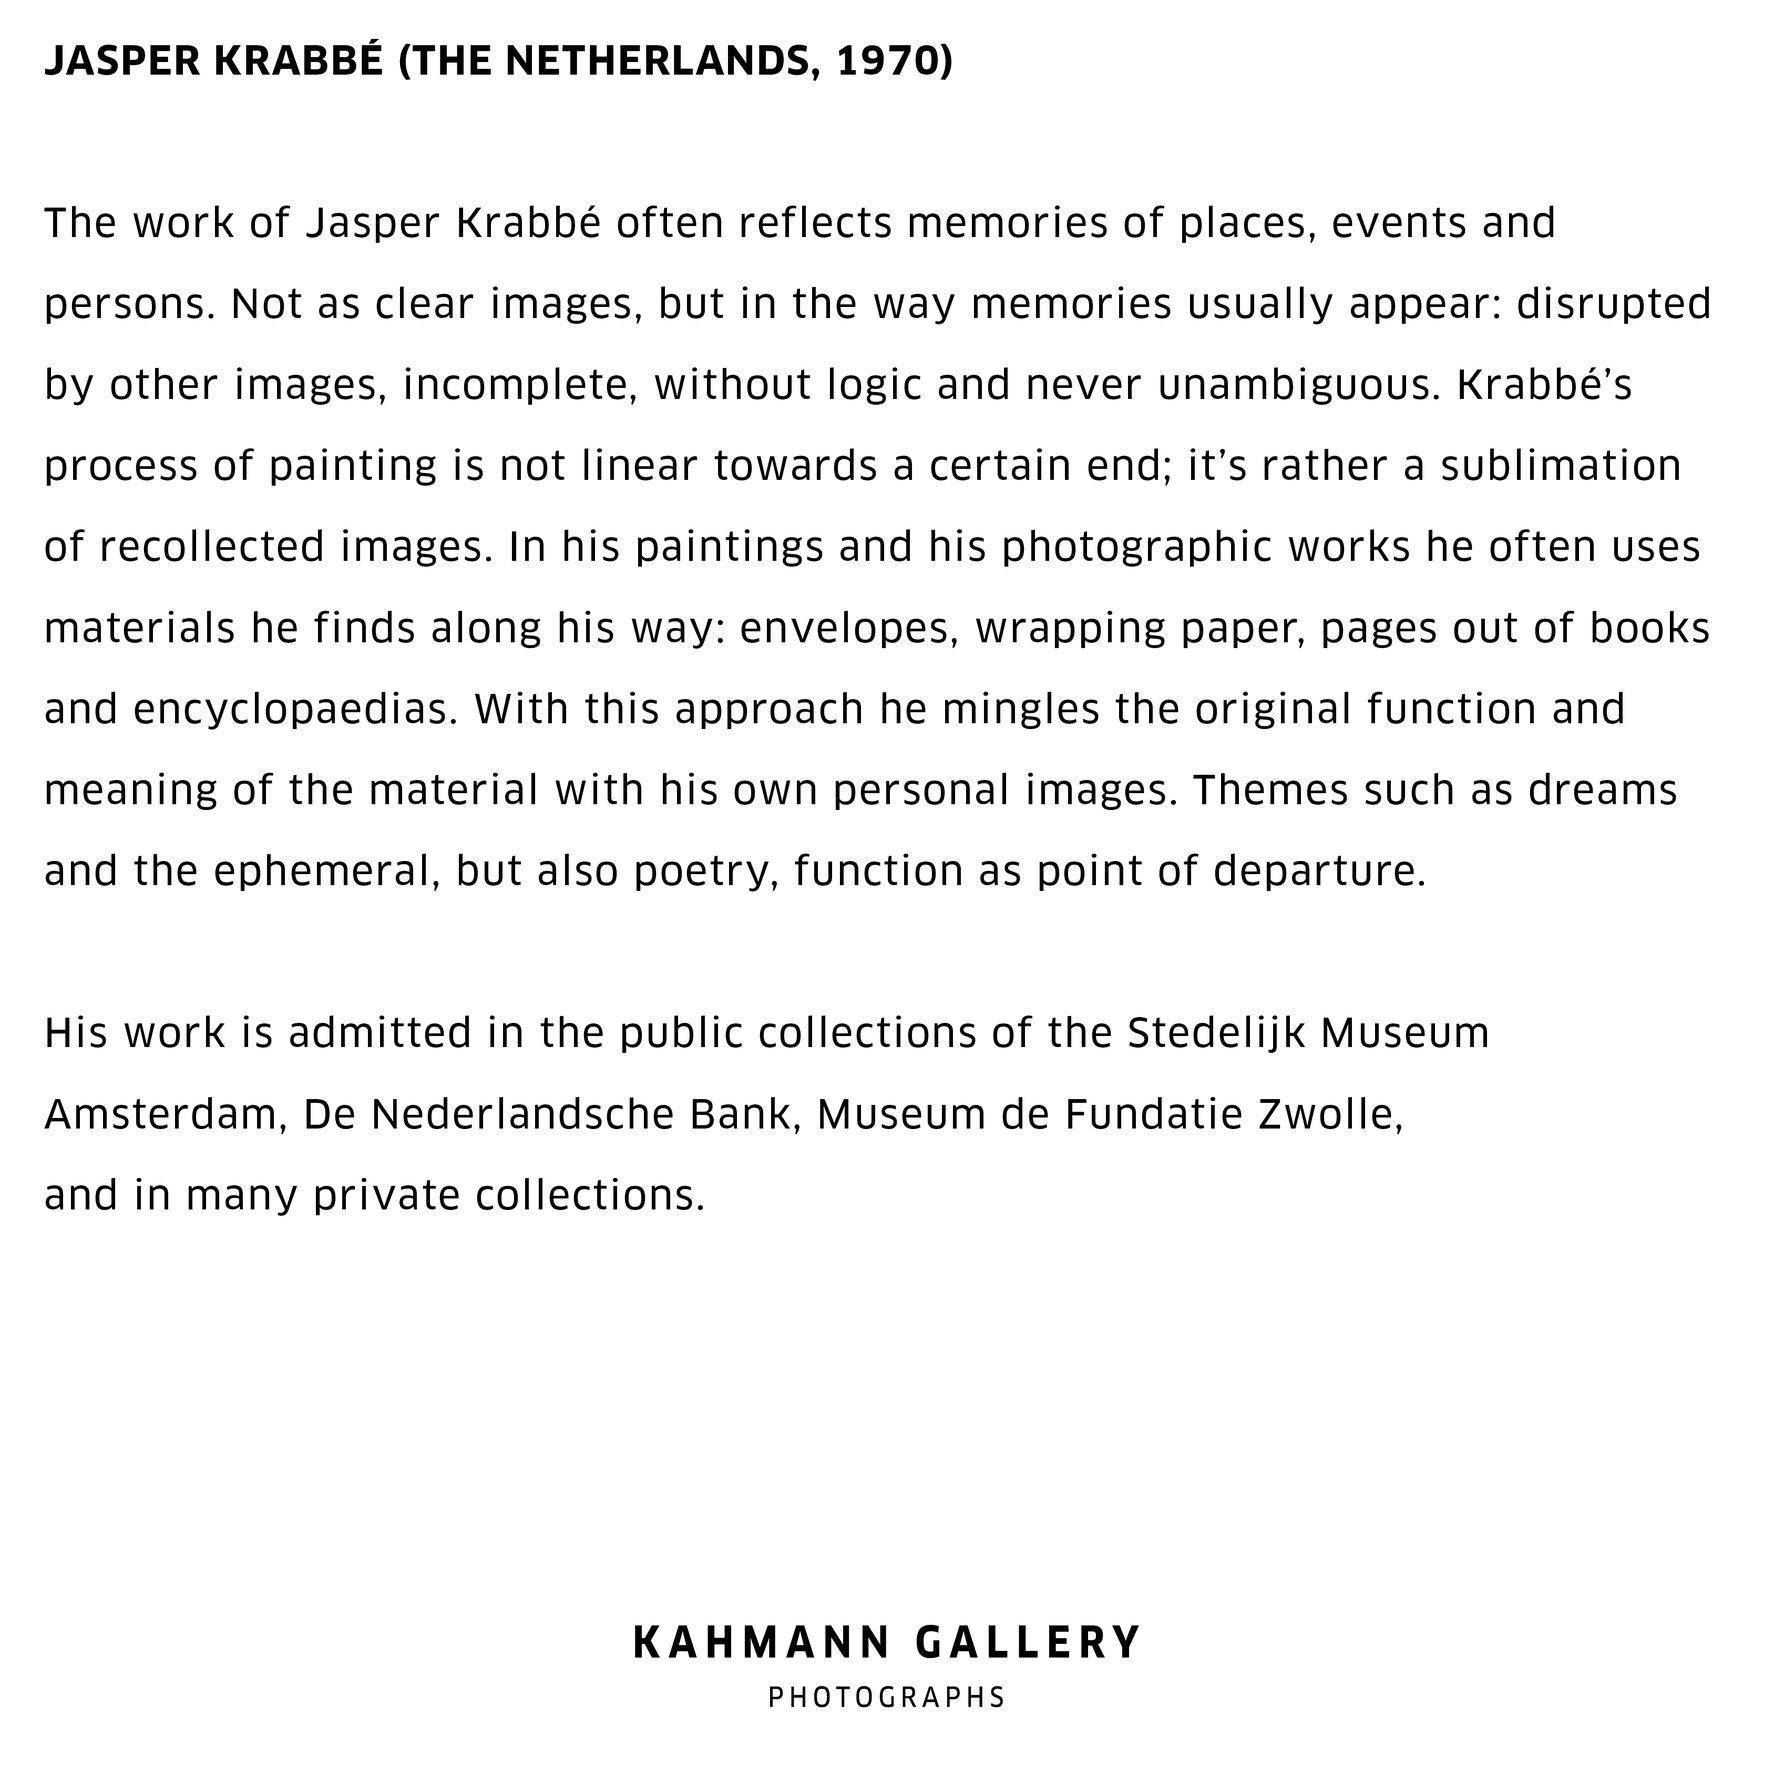 KG Viewbook - Artists_7.jpg